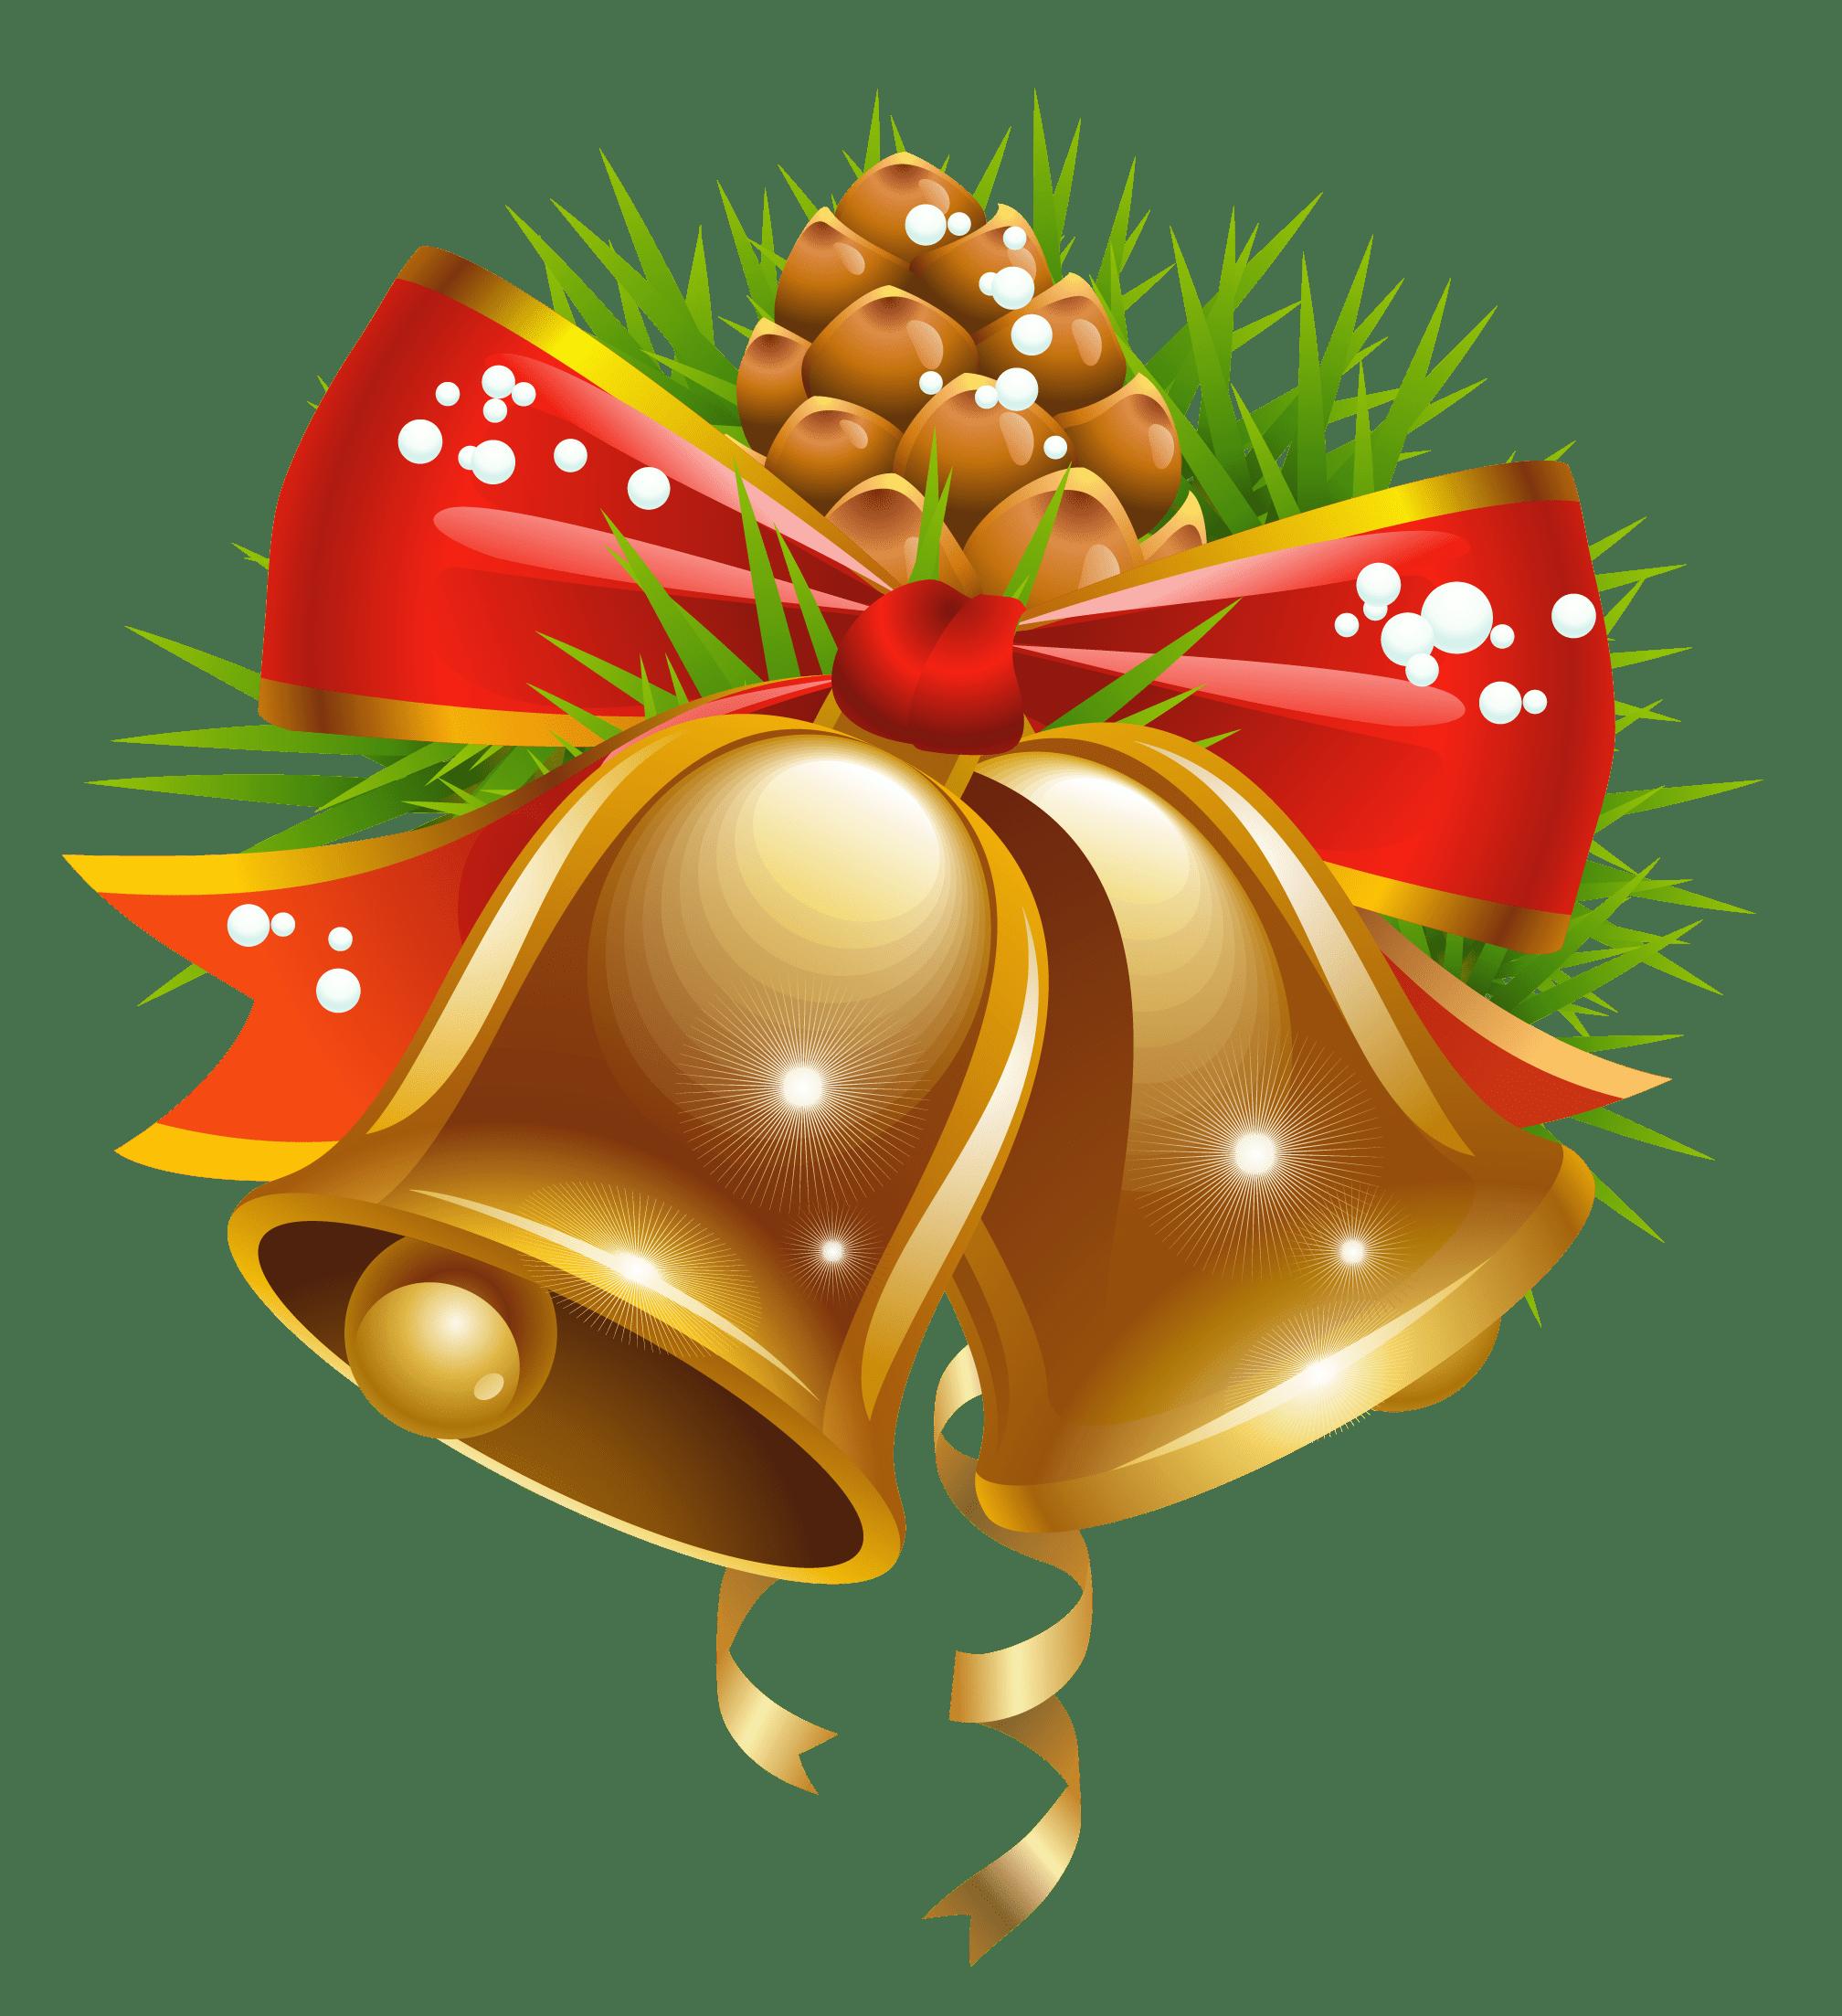 jingle bells cartoon clipart transparent png stickpng rh stickpng com jingle bells clipart free jingle bells clipart black and white